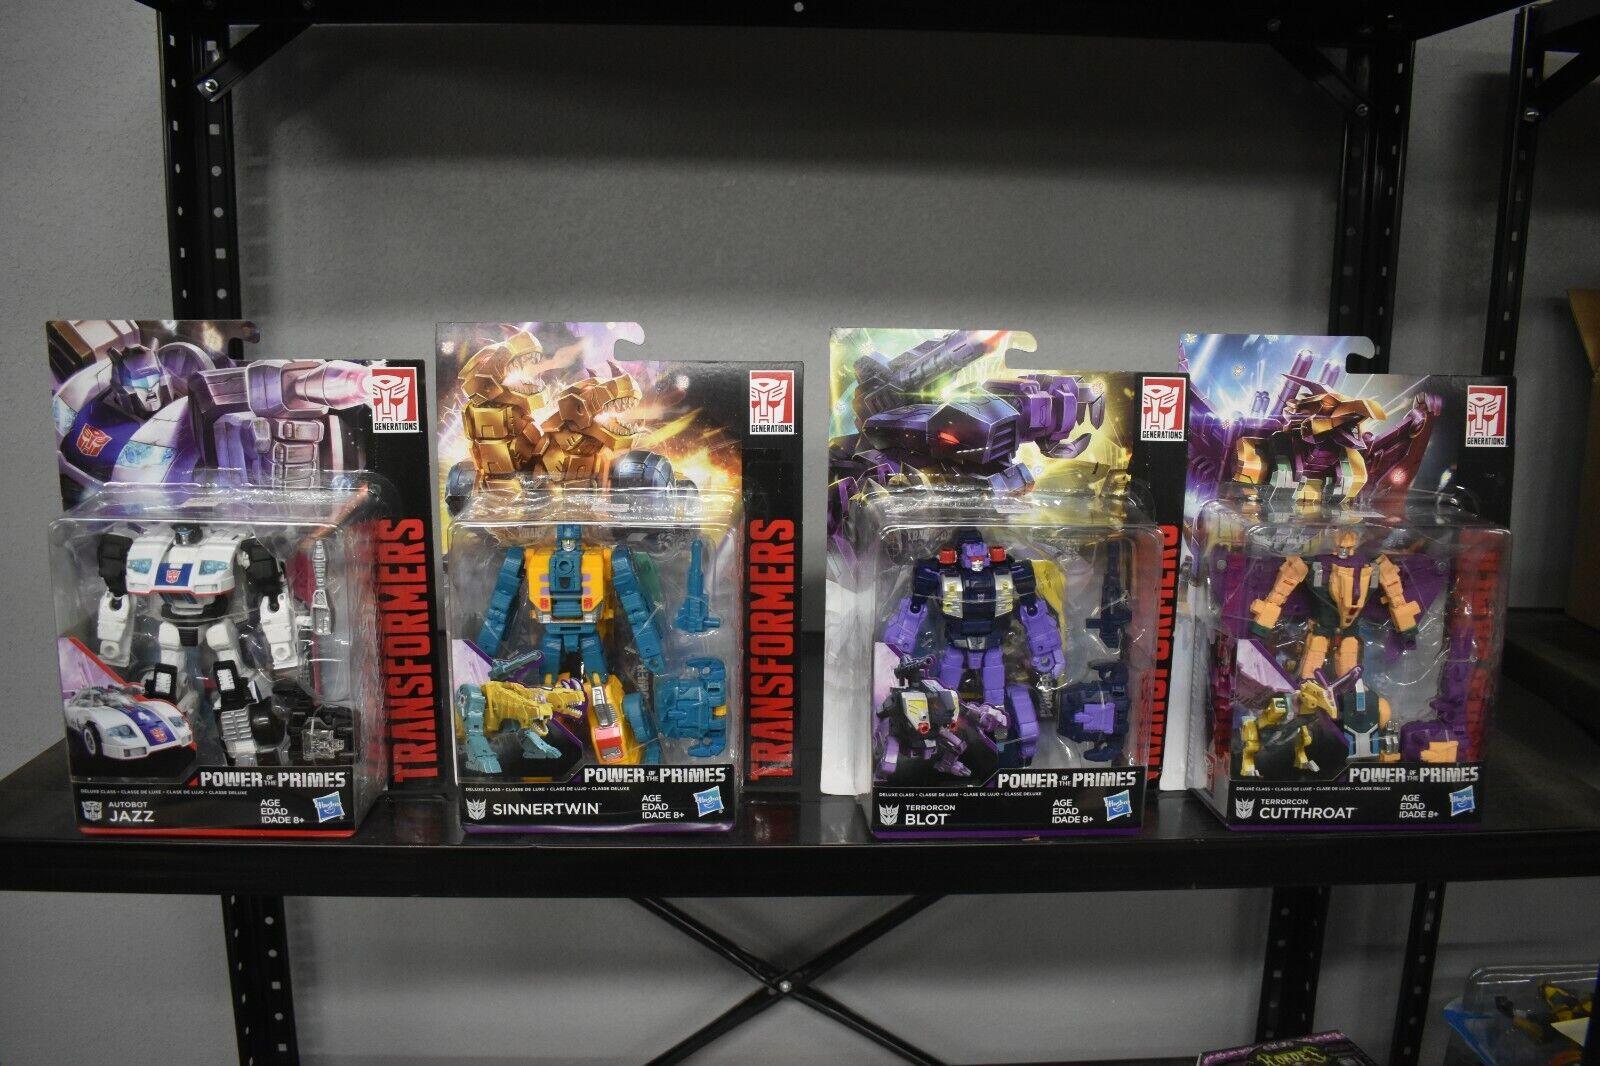 Transformateurs De Puissance des primes Wave 3 Deluxe Figures par Hasbro